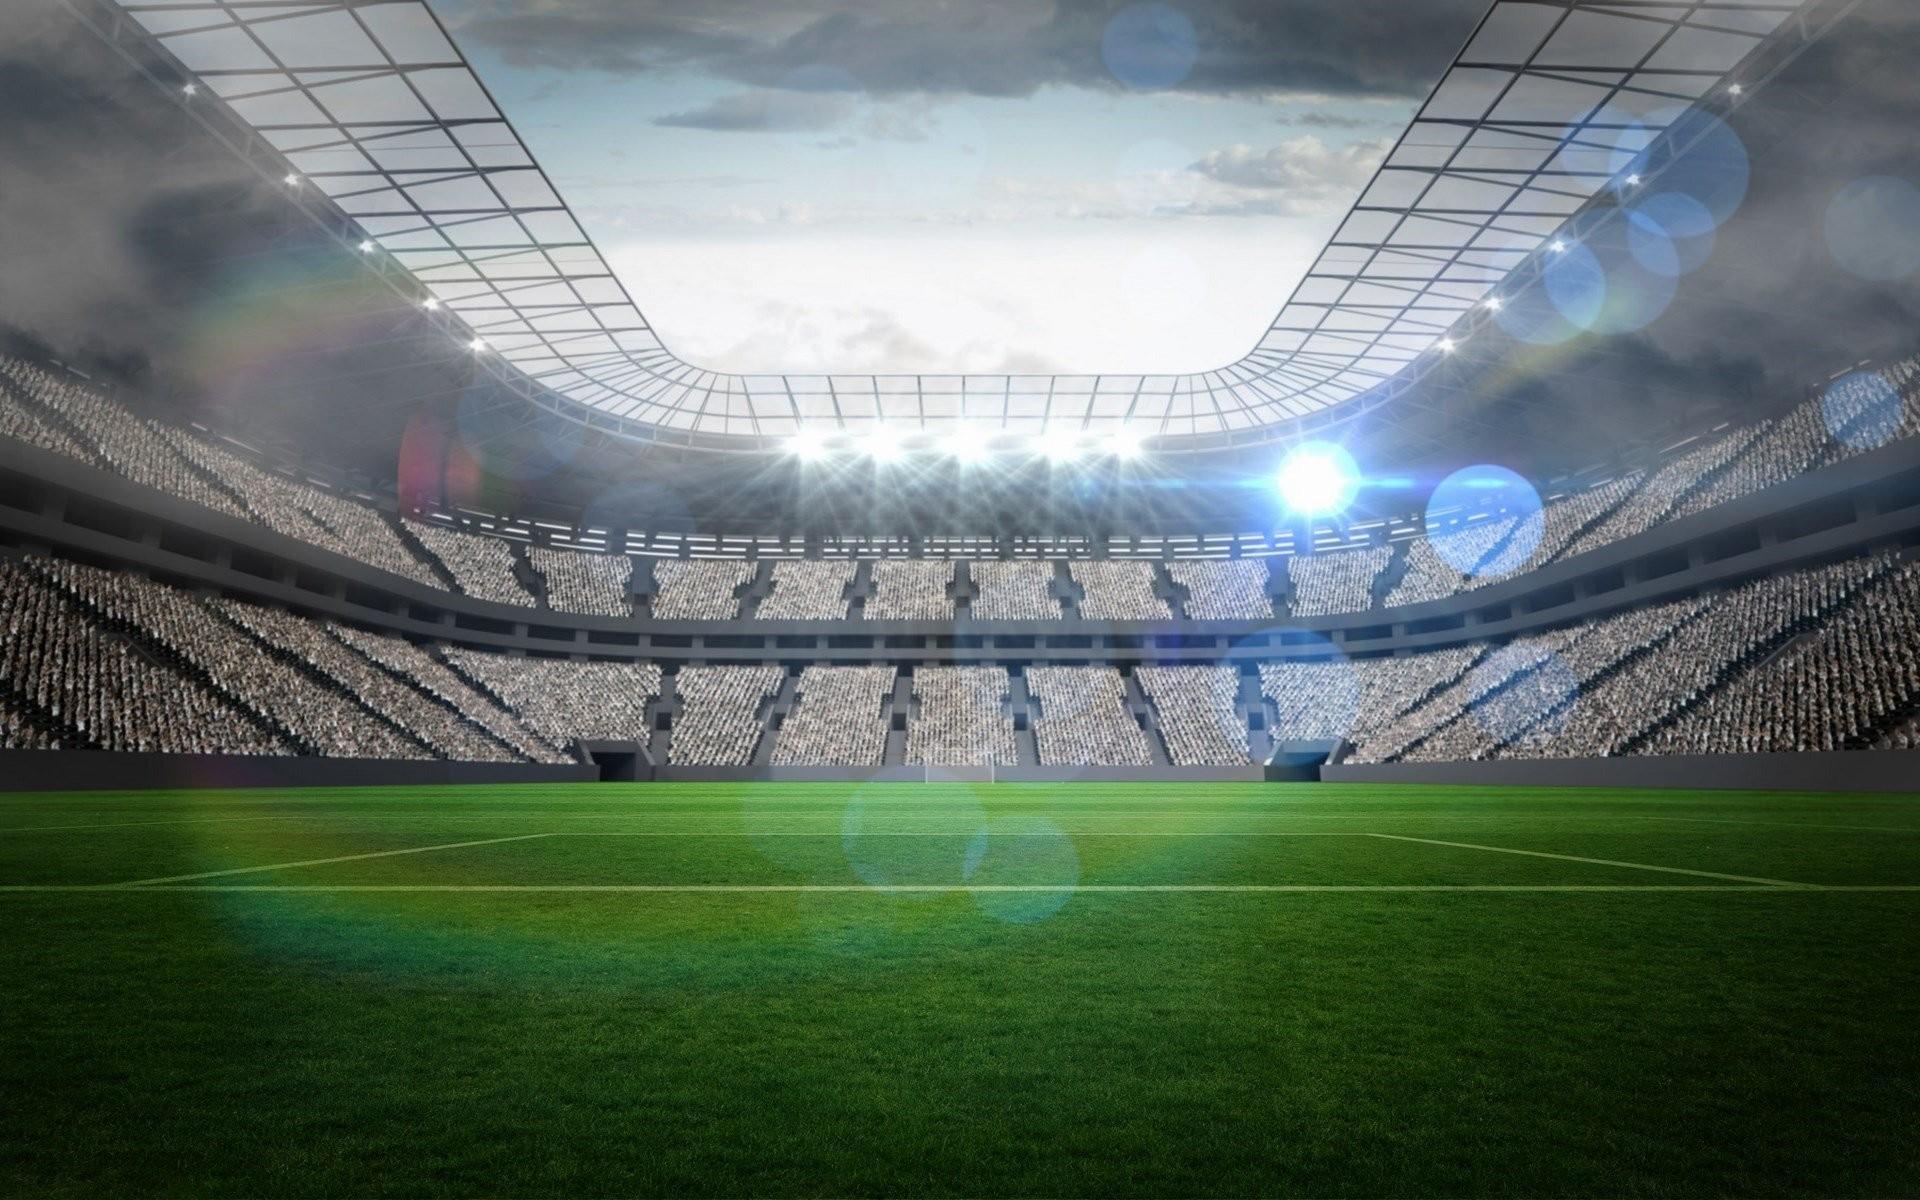 football stadium background (60+ images)